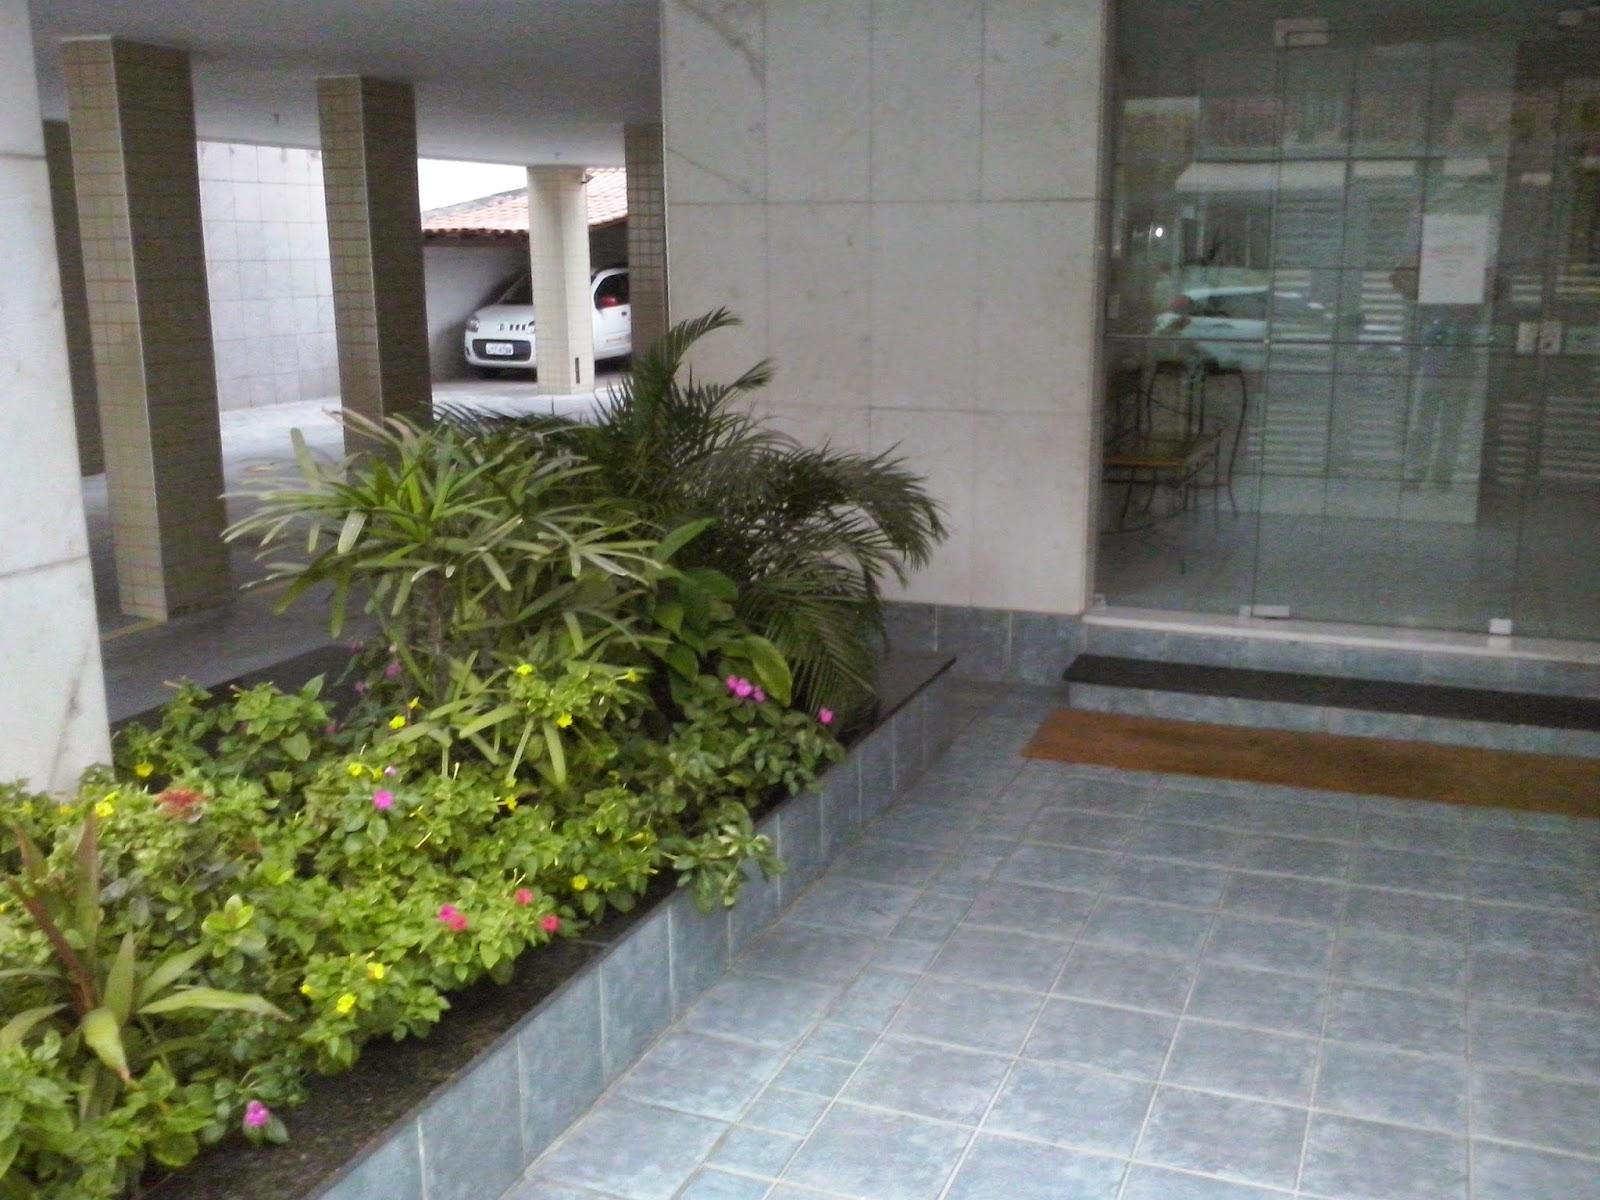 Imagens de #6D7538 Apartamento Ribeira Ilha do Governador Avelino Freire Imóveis 1600x1200 px 2886 Box Banheiro Ilha Do Governador